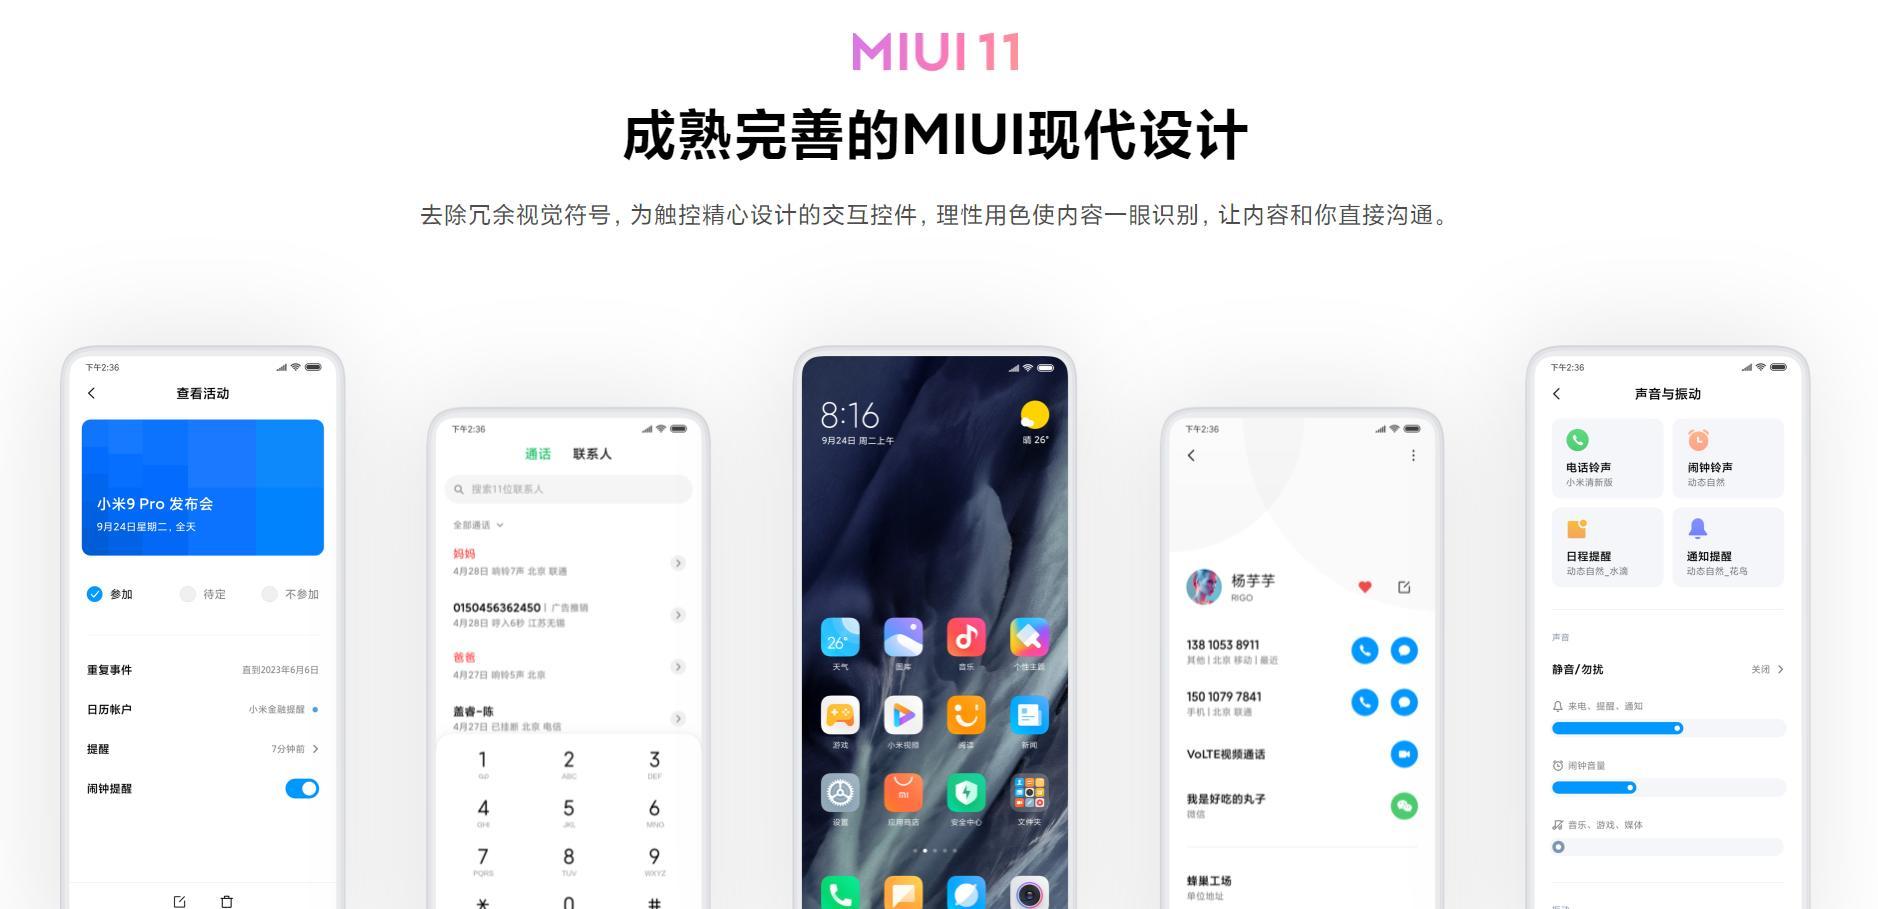 Ссылки для ещё6 смартфонов Xiaomi сMIUI 11 добавились всписок. Теперь 48 моделей